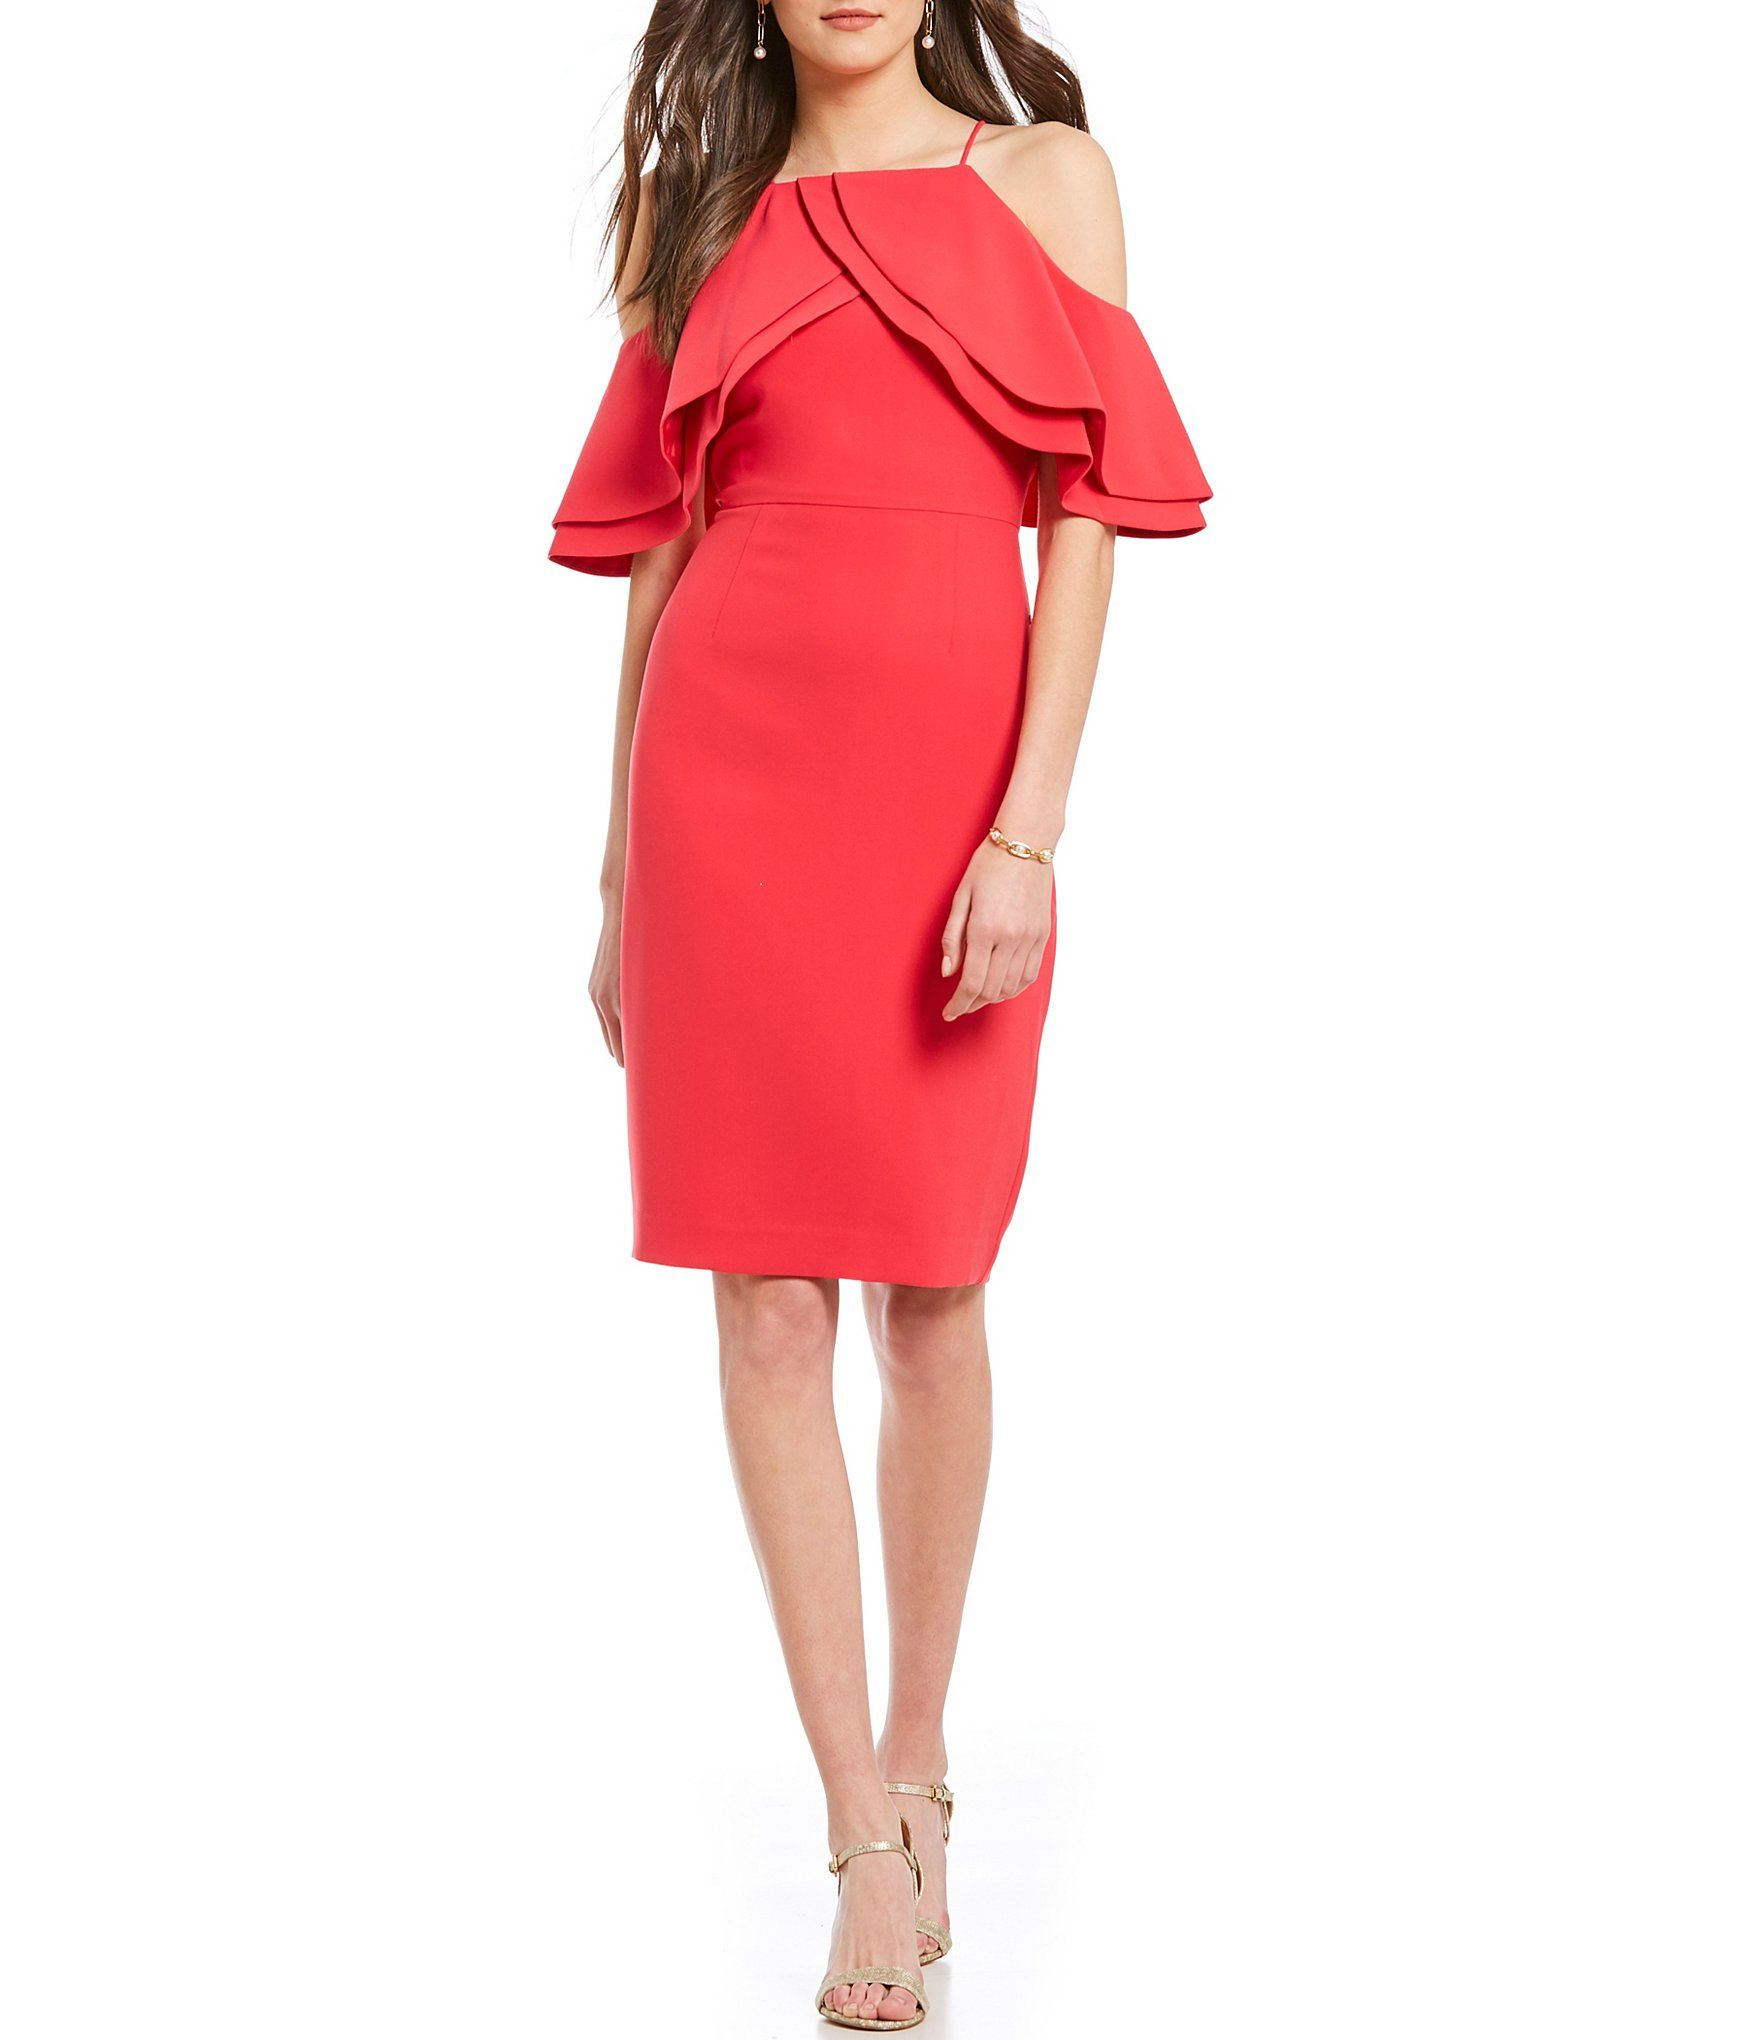 b977da170c8 Shop for Eliza J Cold Shoulder Double Ruffle Cold Shoulder Sheath Dress at  Dillards.com. Visit Dillards.com to find clothing